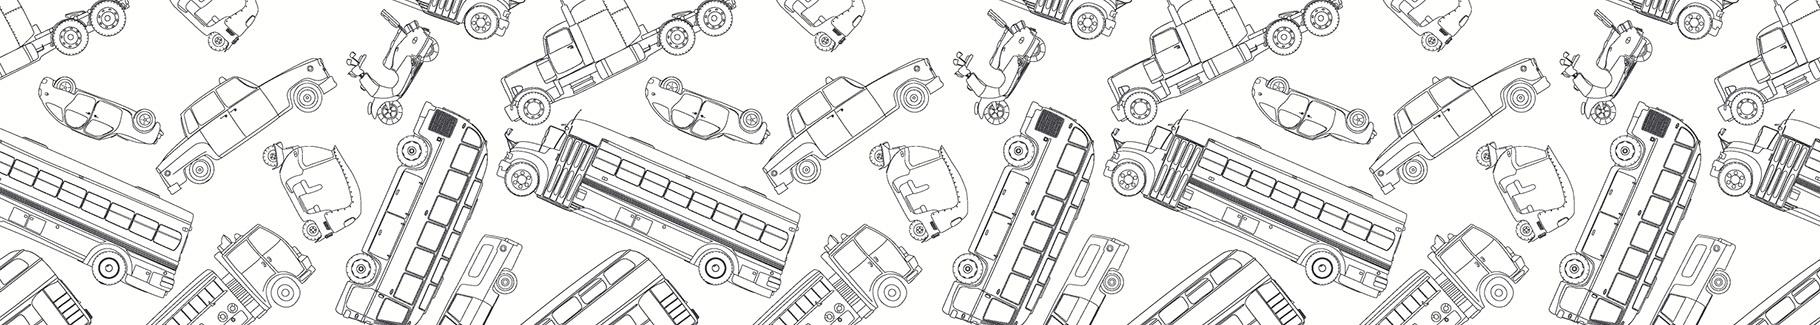 Tapeta mechaniczne pojazdy